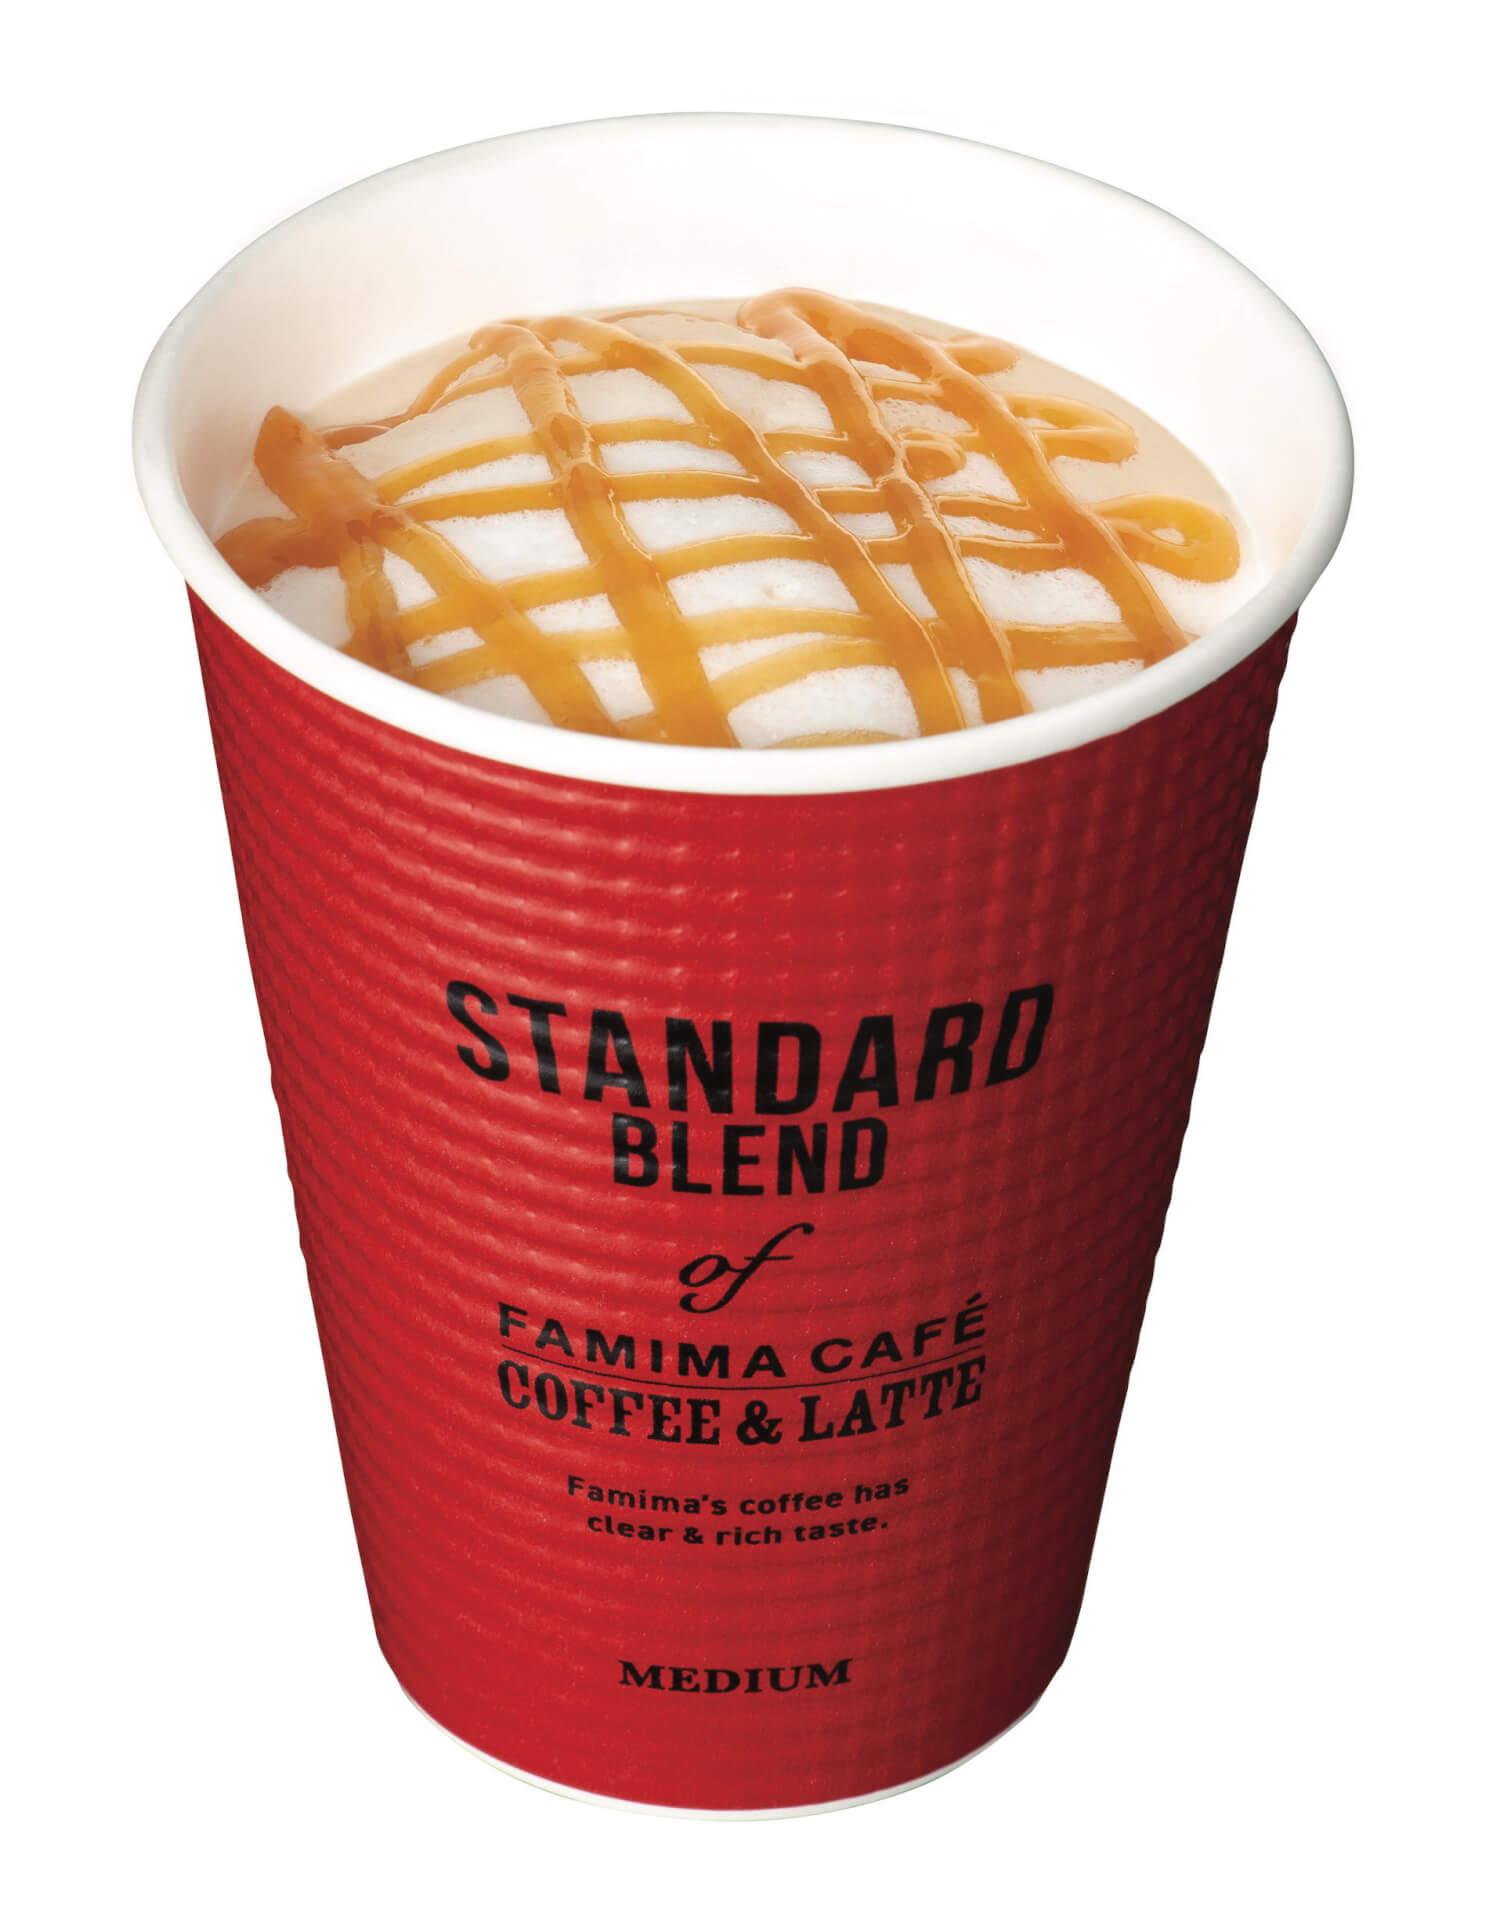 ファミマのラテが「森永ミルクキャラメル」味に!森永ミルクキャラメルラテ&森永ミルクキャラメルふわふわシフォンが登場 gourmet201201_familymart_latte_7